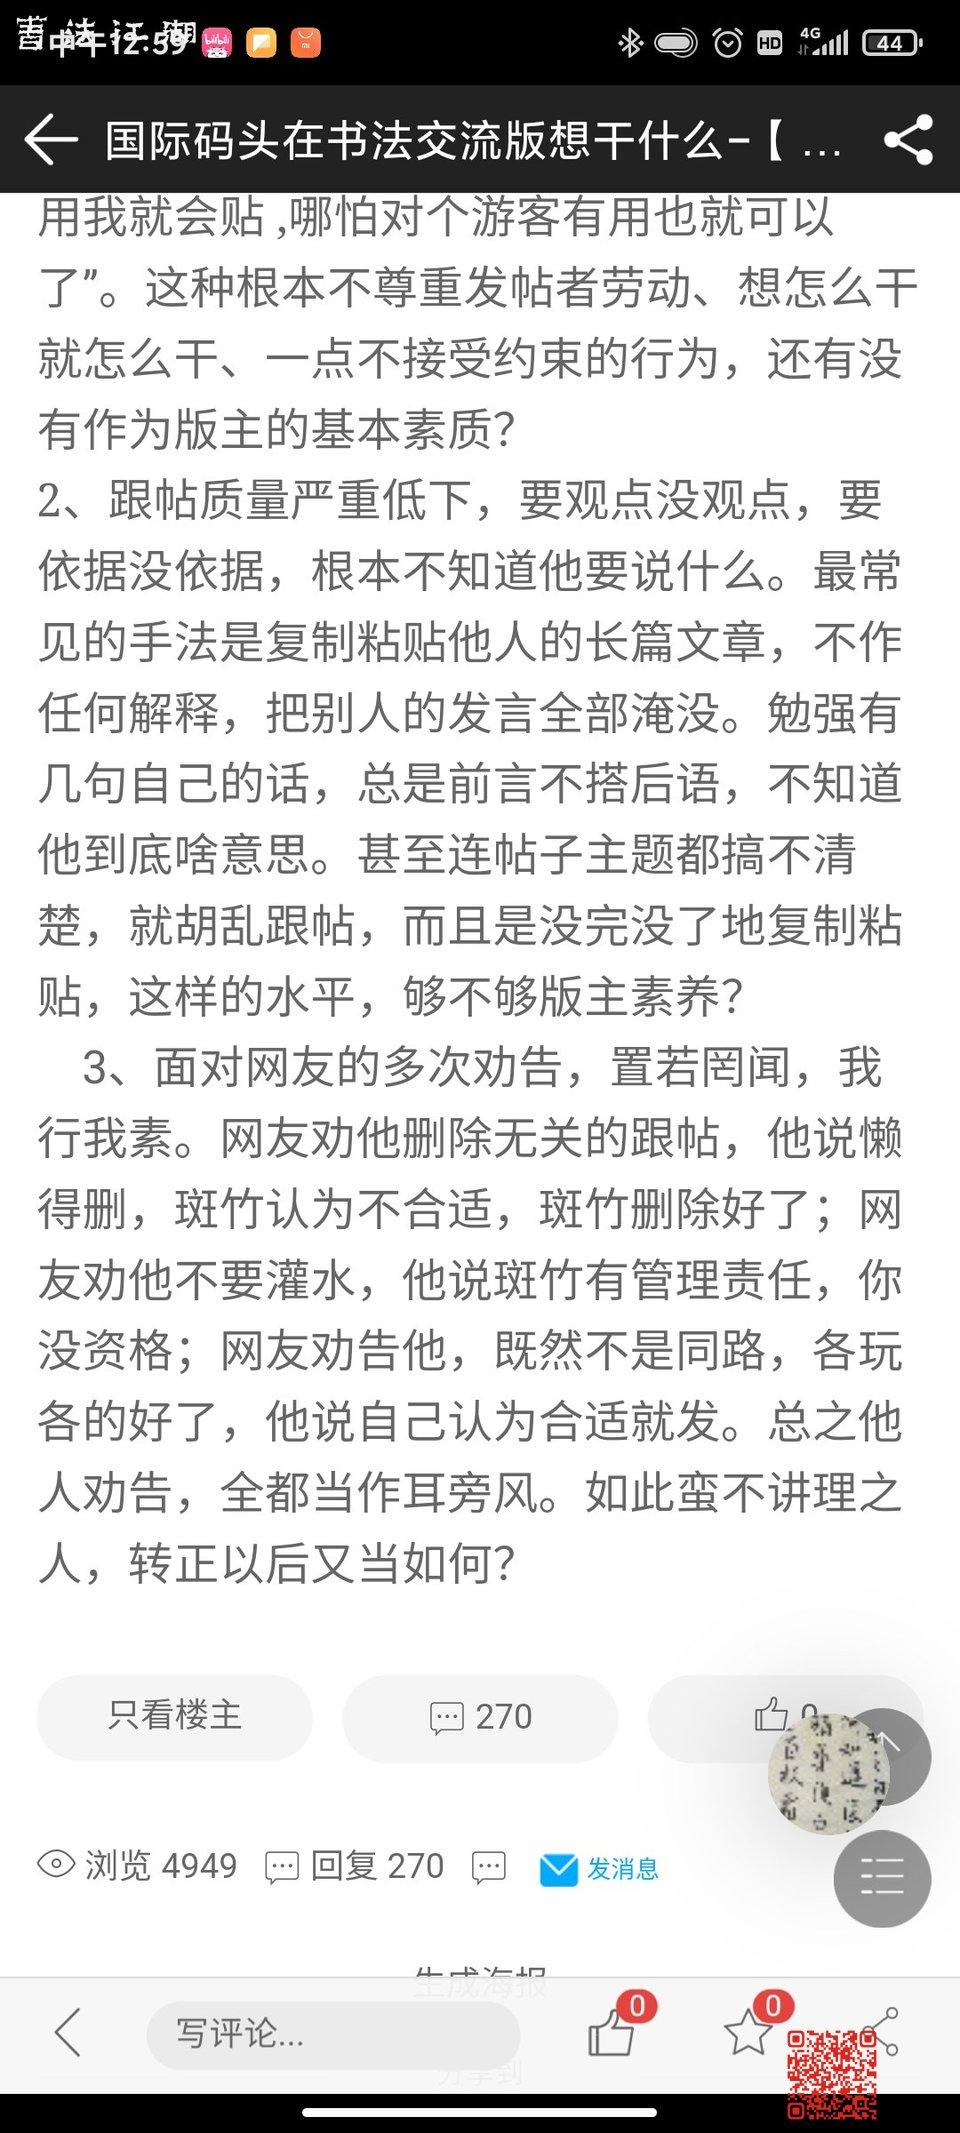 Screenshot_2021-02-14-12-59-58-682_com.shufajianghu.app.jpg